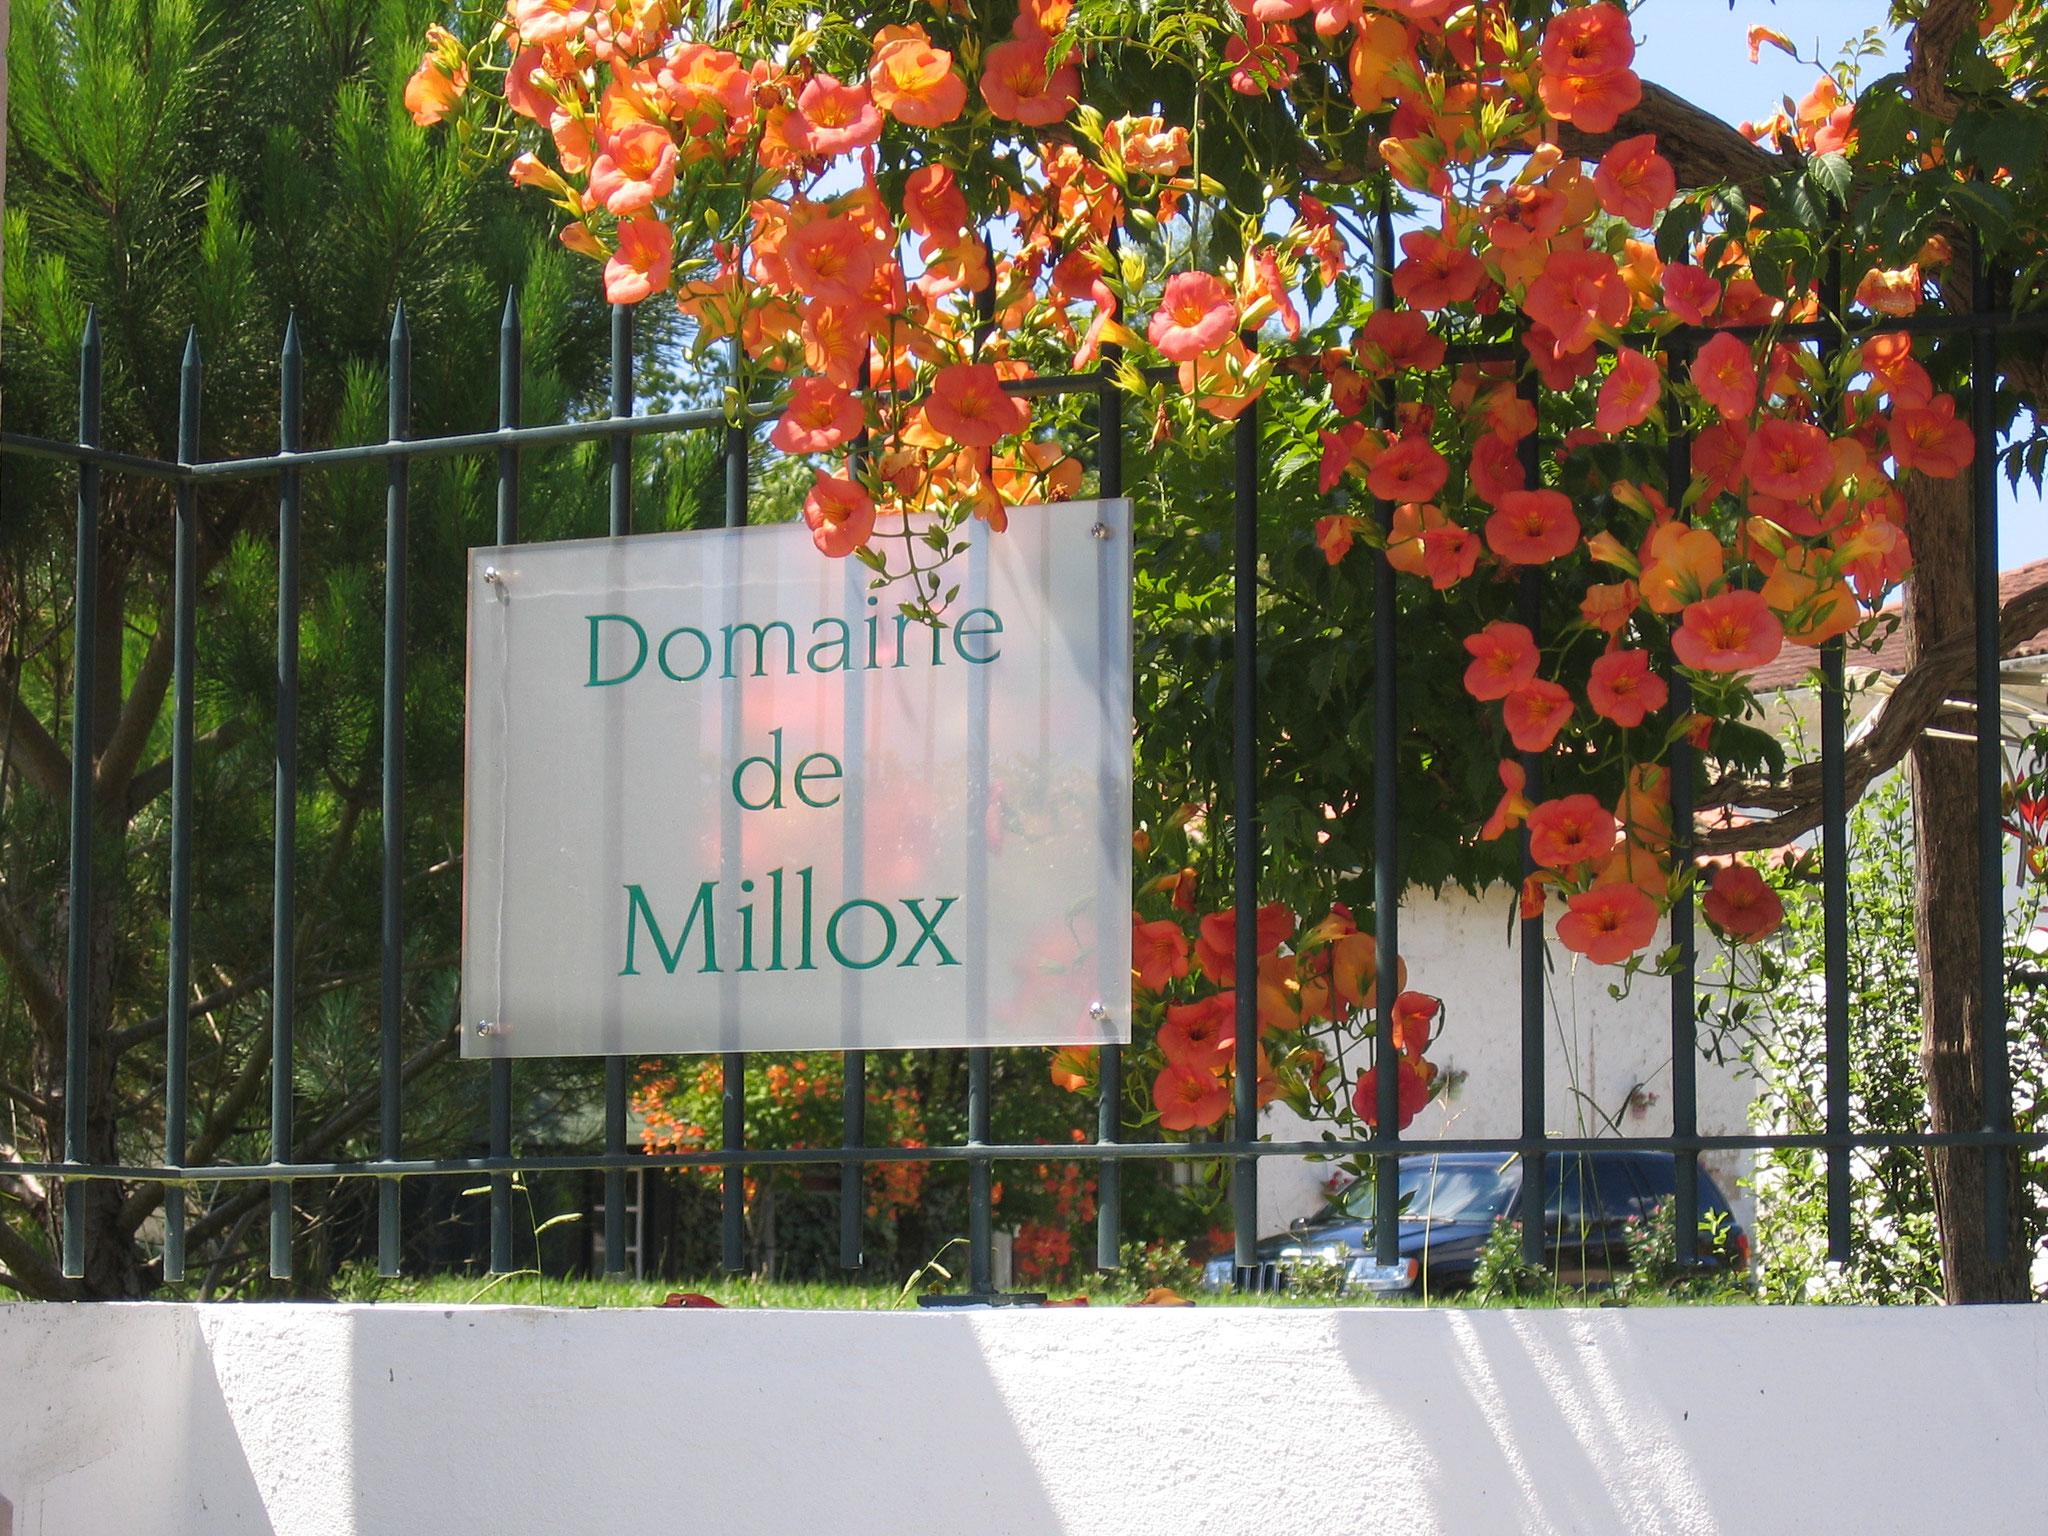 domaine de Millox, l'enseigne